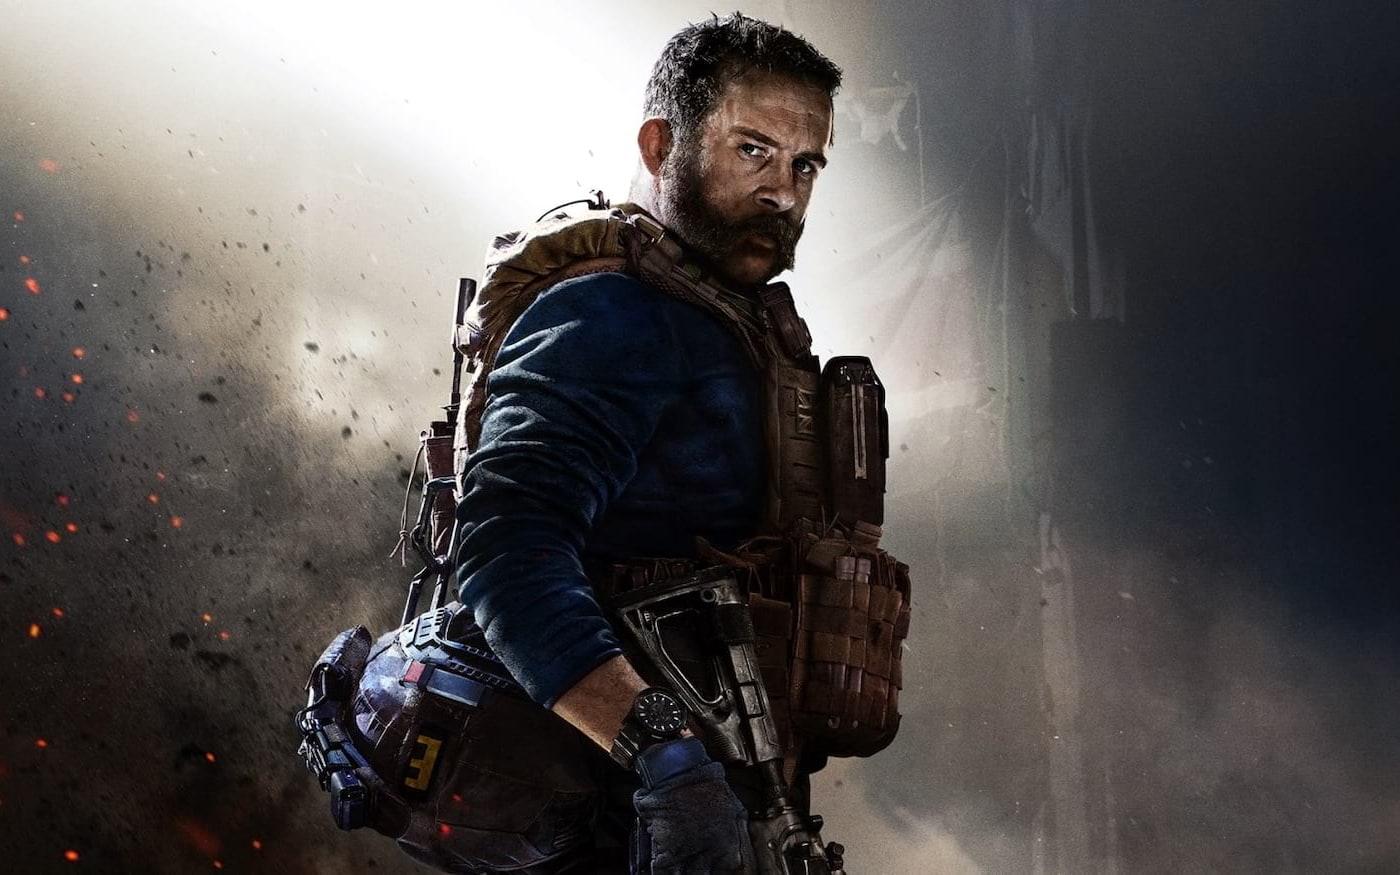 Atualizado: Requisitos mínimos para jogar Call Of Duty Modern Warfare